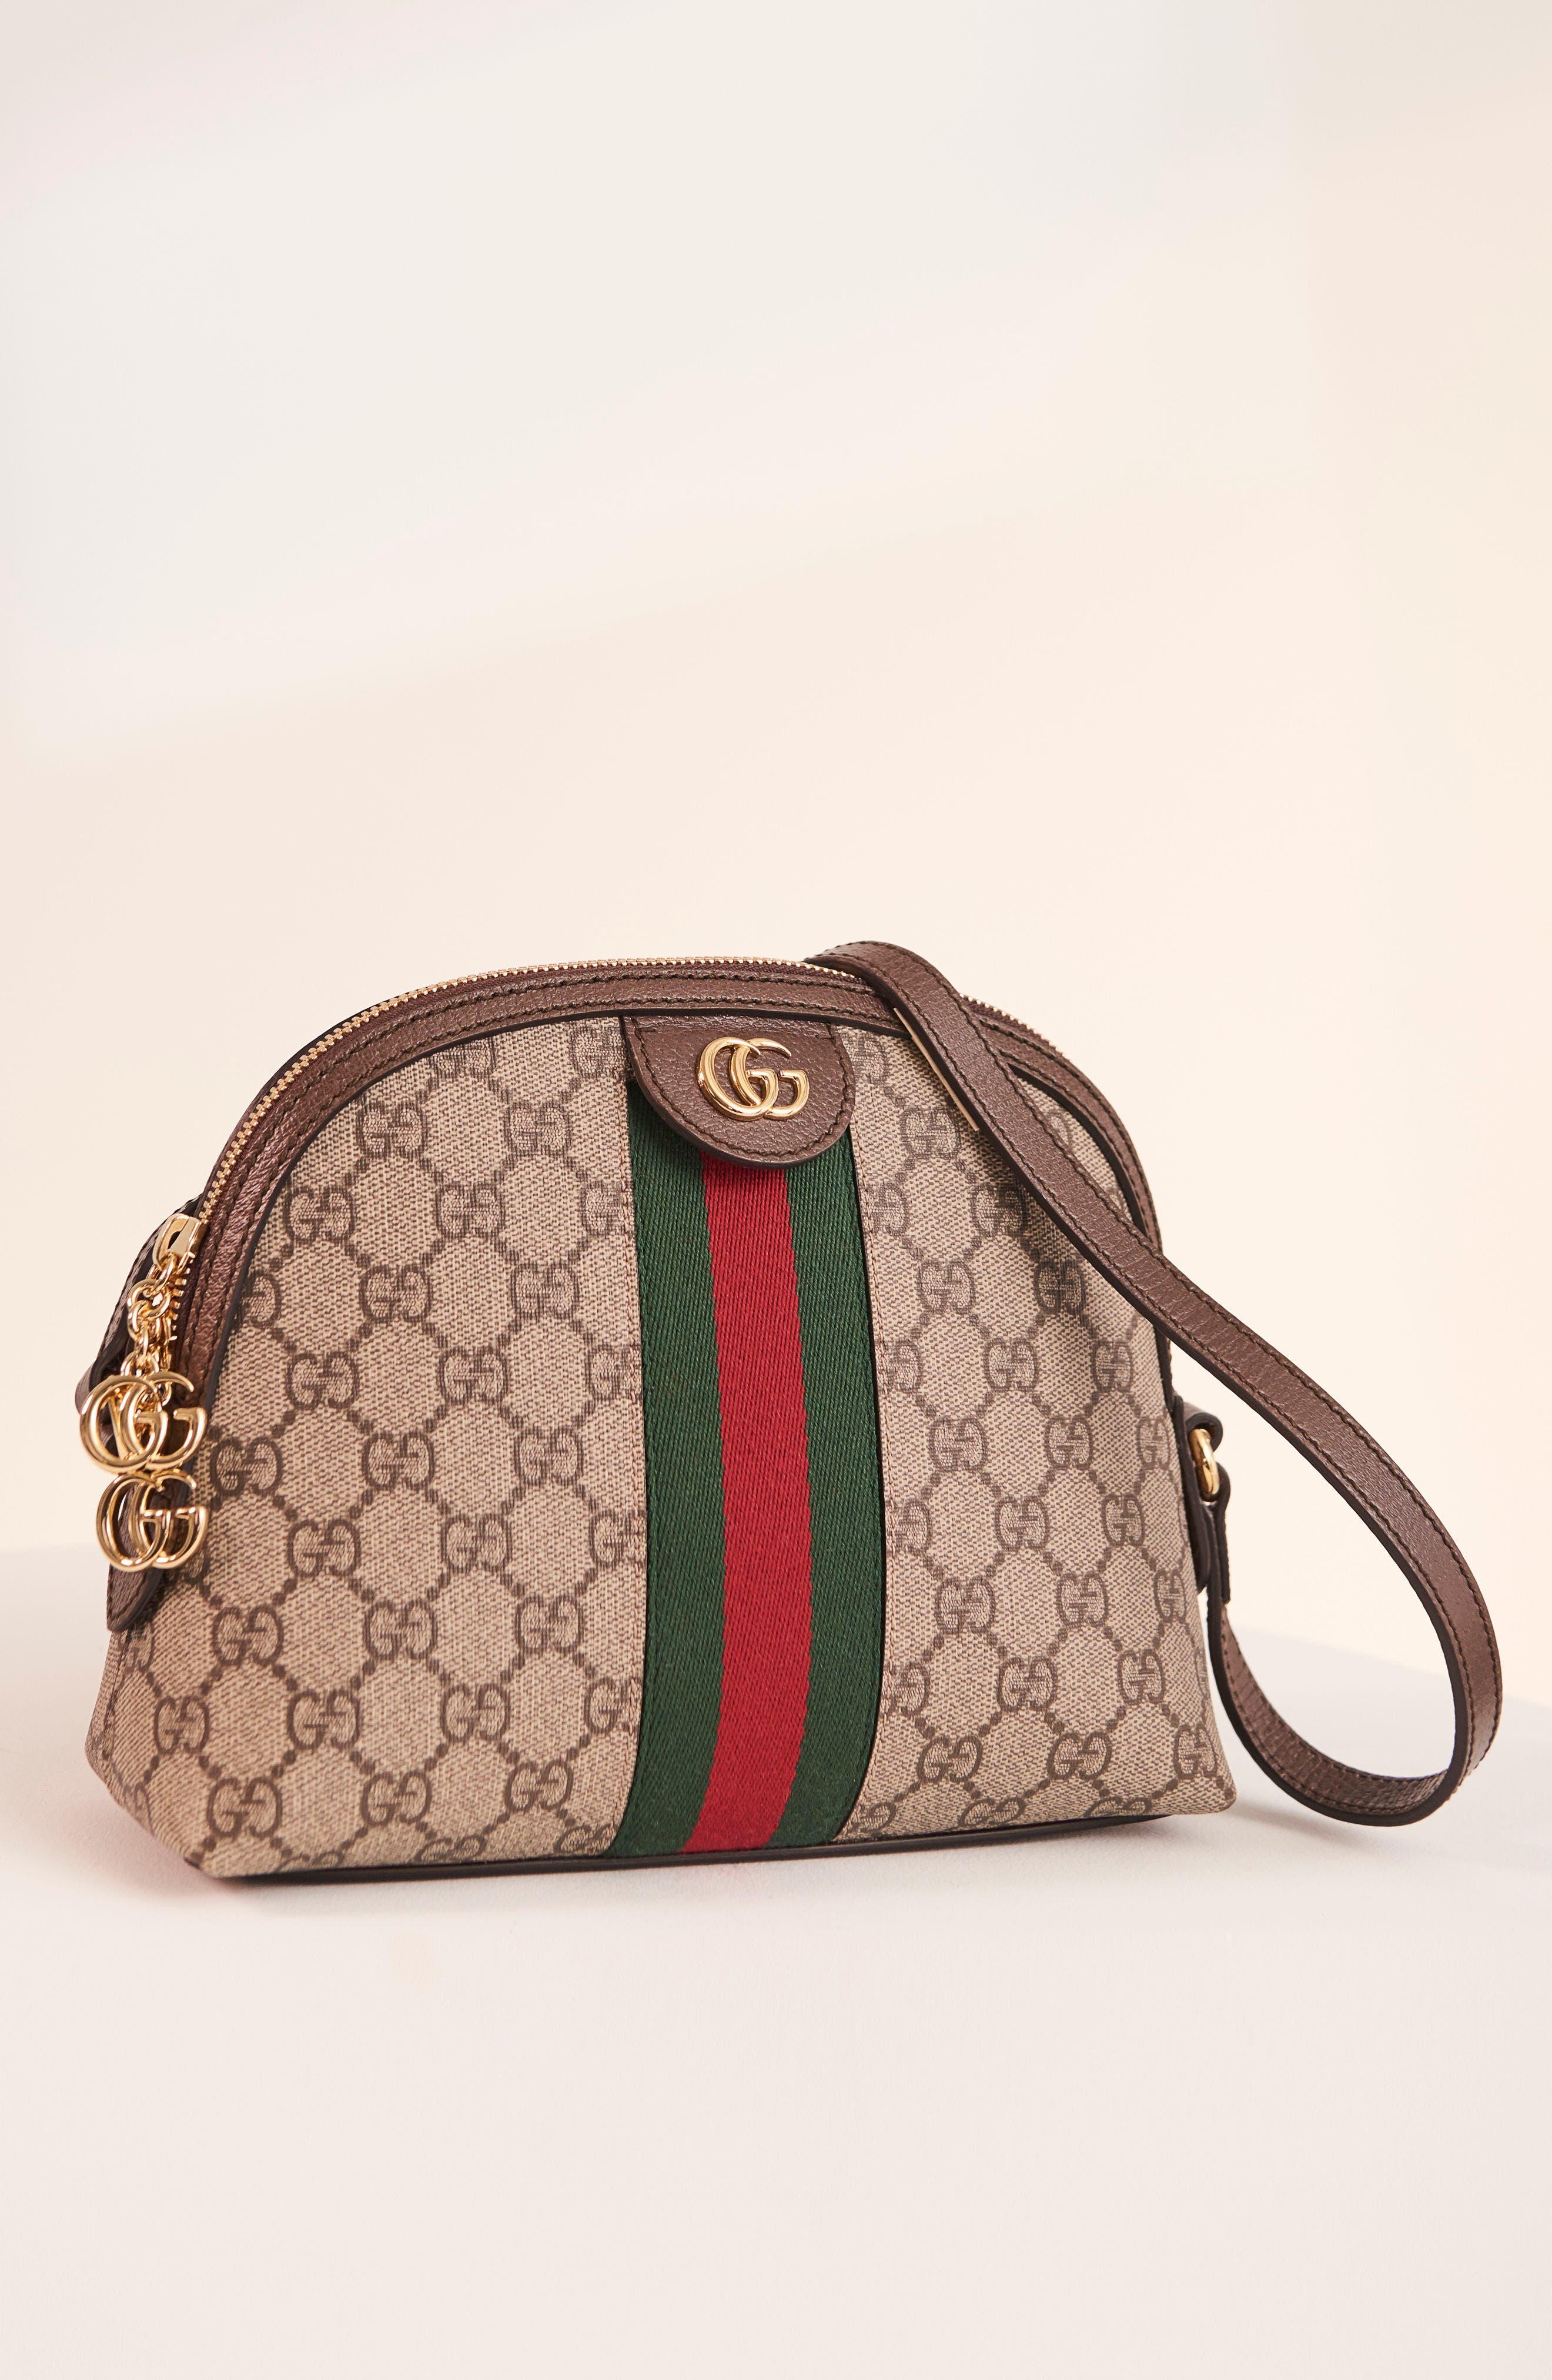 GG Supreme Canvas Shoulder Bag,                             Alternate thumbnail 6, color,                             BEIGE EBONY/ NERO/ RED